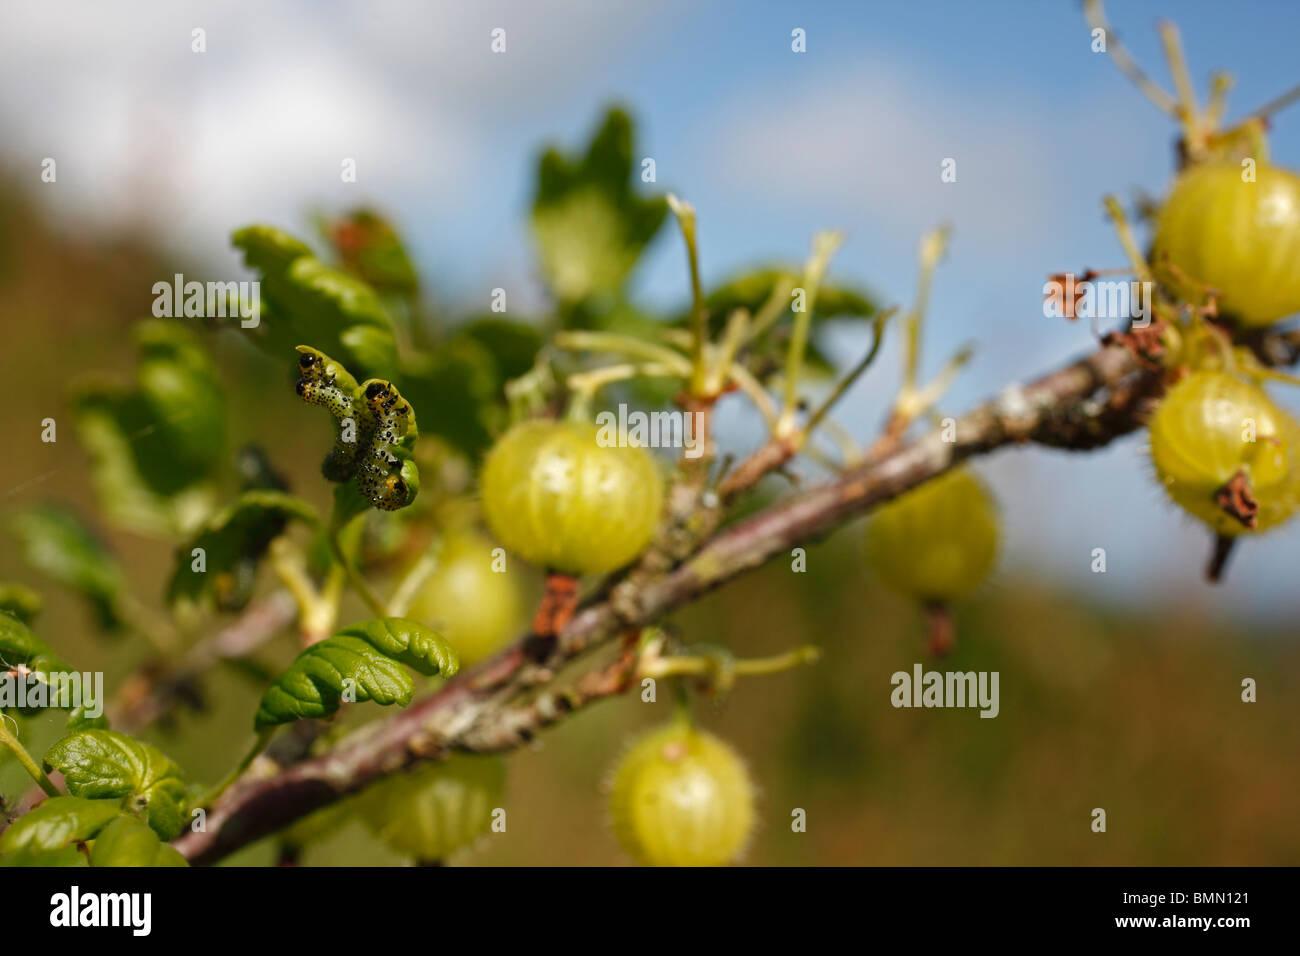 Stachelbeere Zweig Blätter durch Stachelbeere Blattwespen Raupen beraubt Stockbild